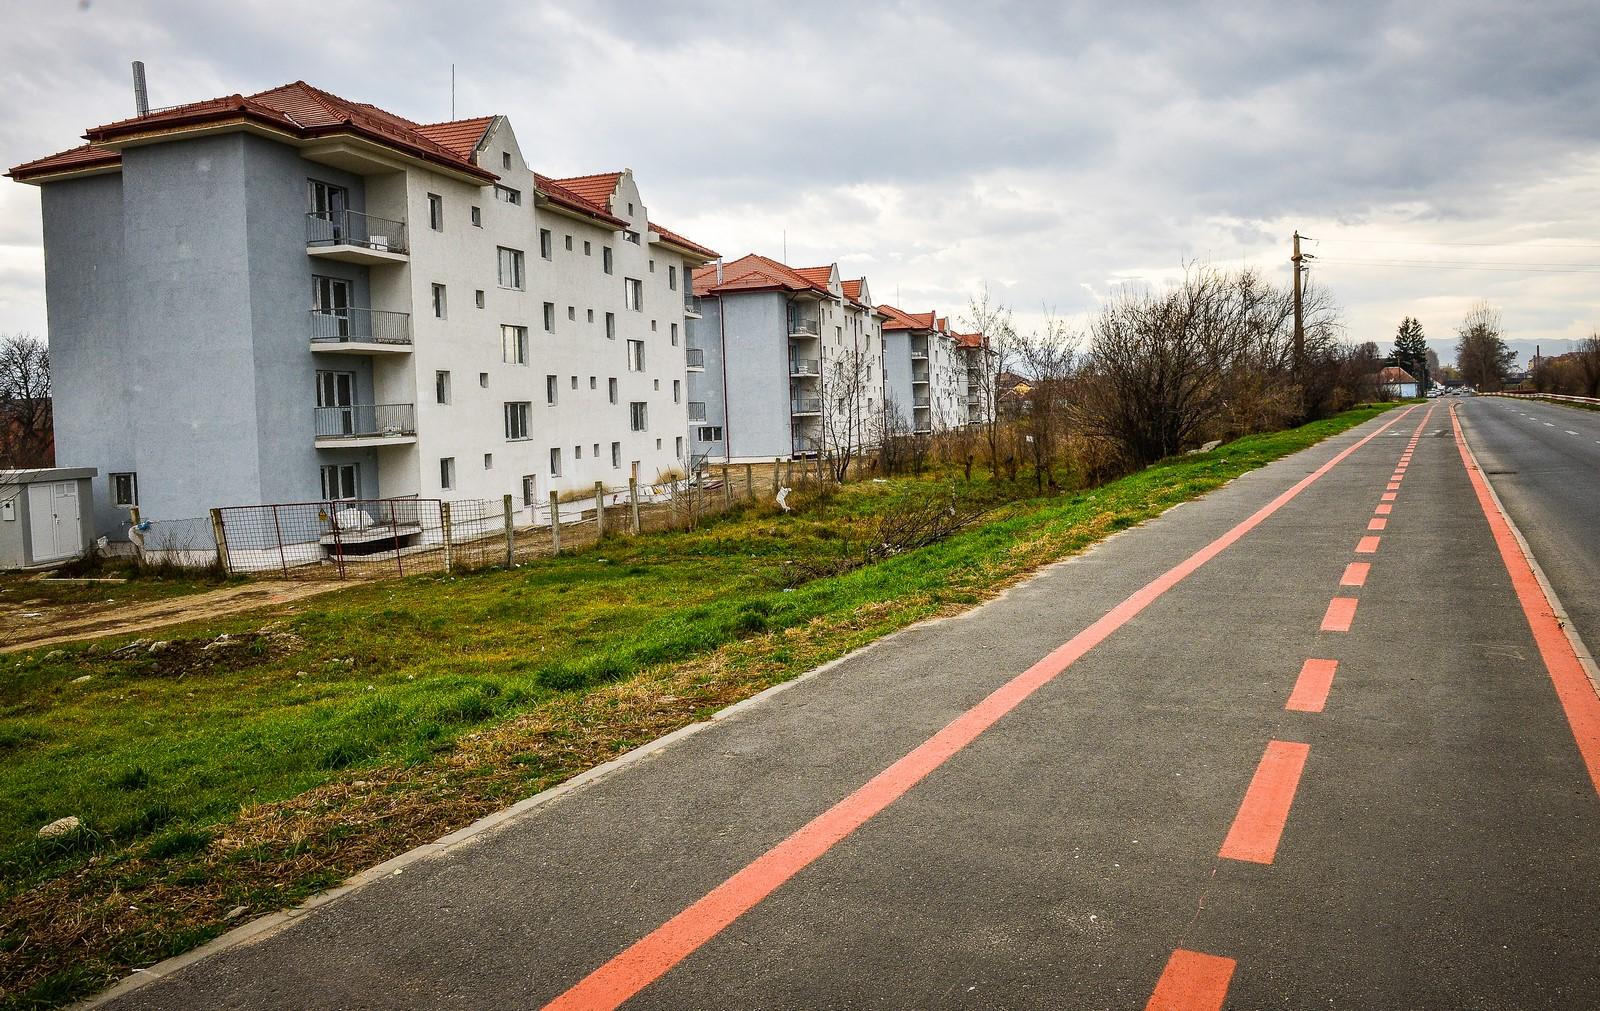 A fost semnat contractul pentru ridicarea a două noi blocuri ANL în Sibiu